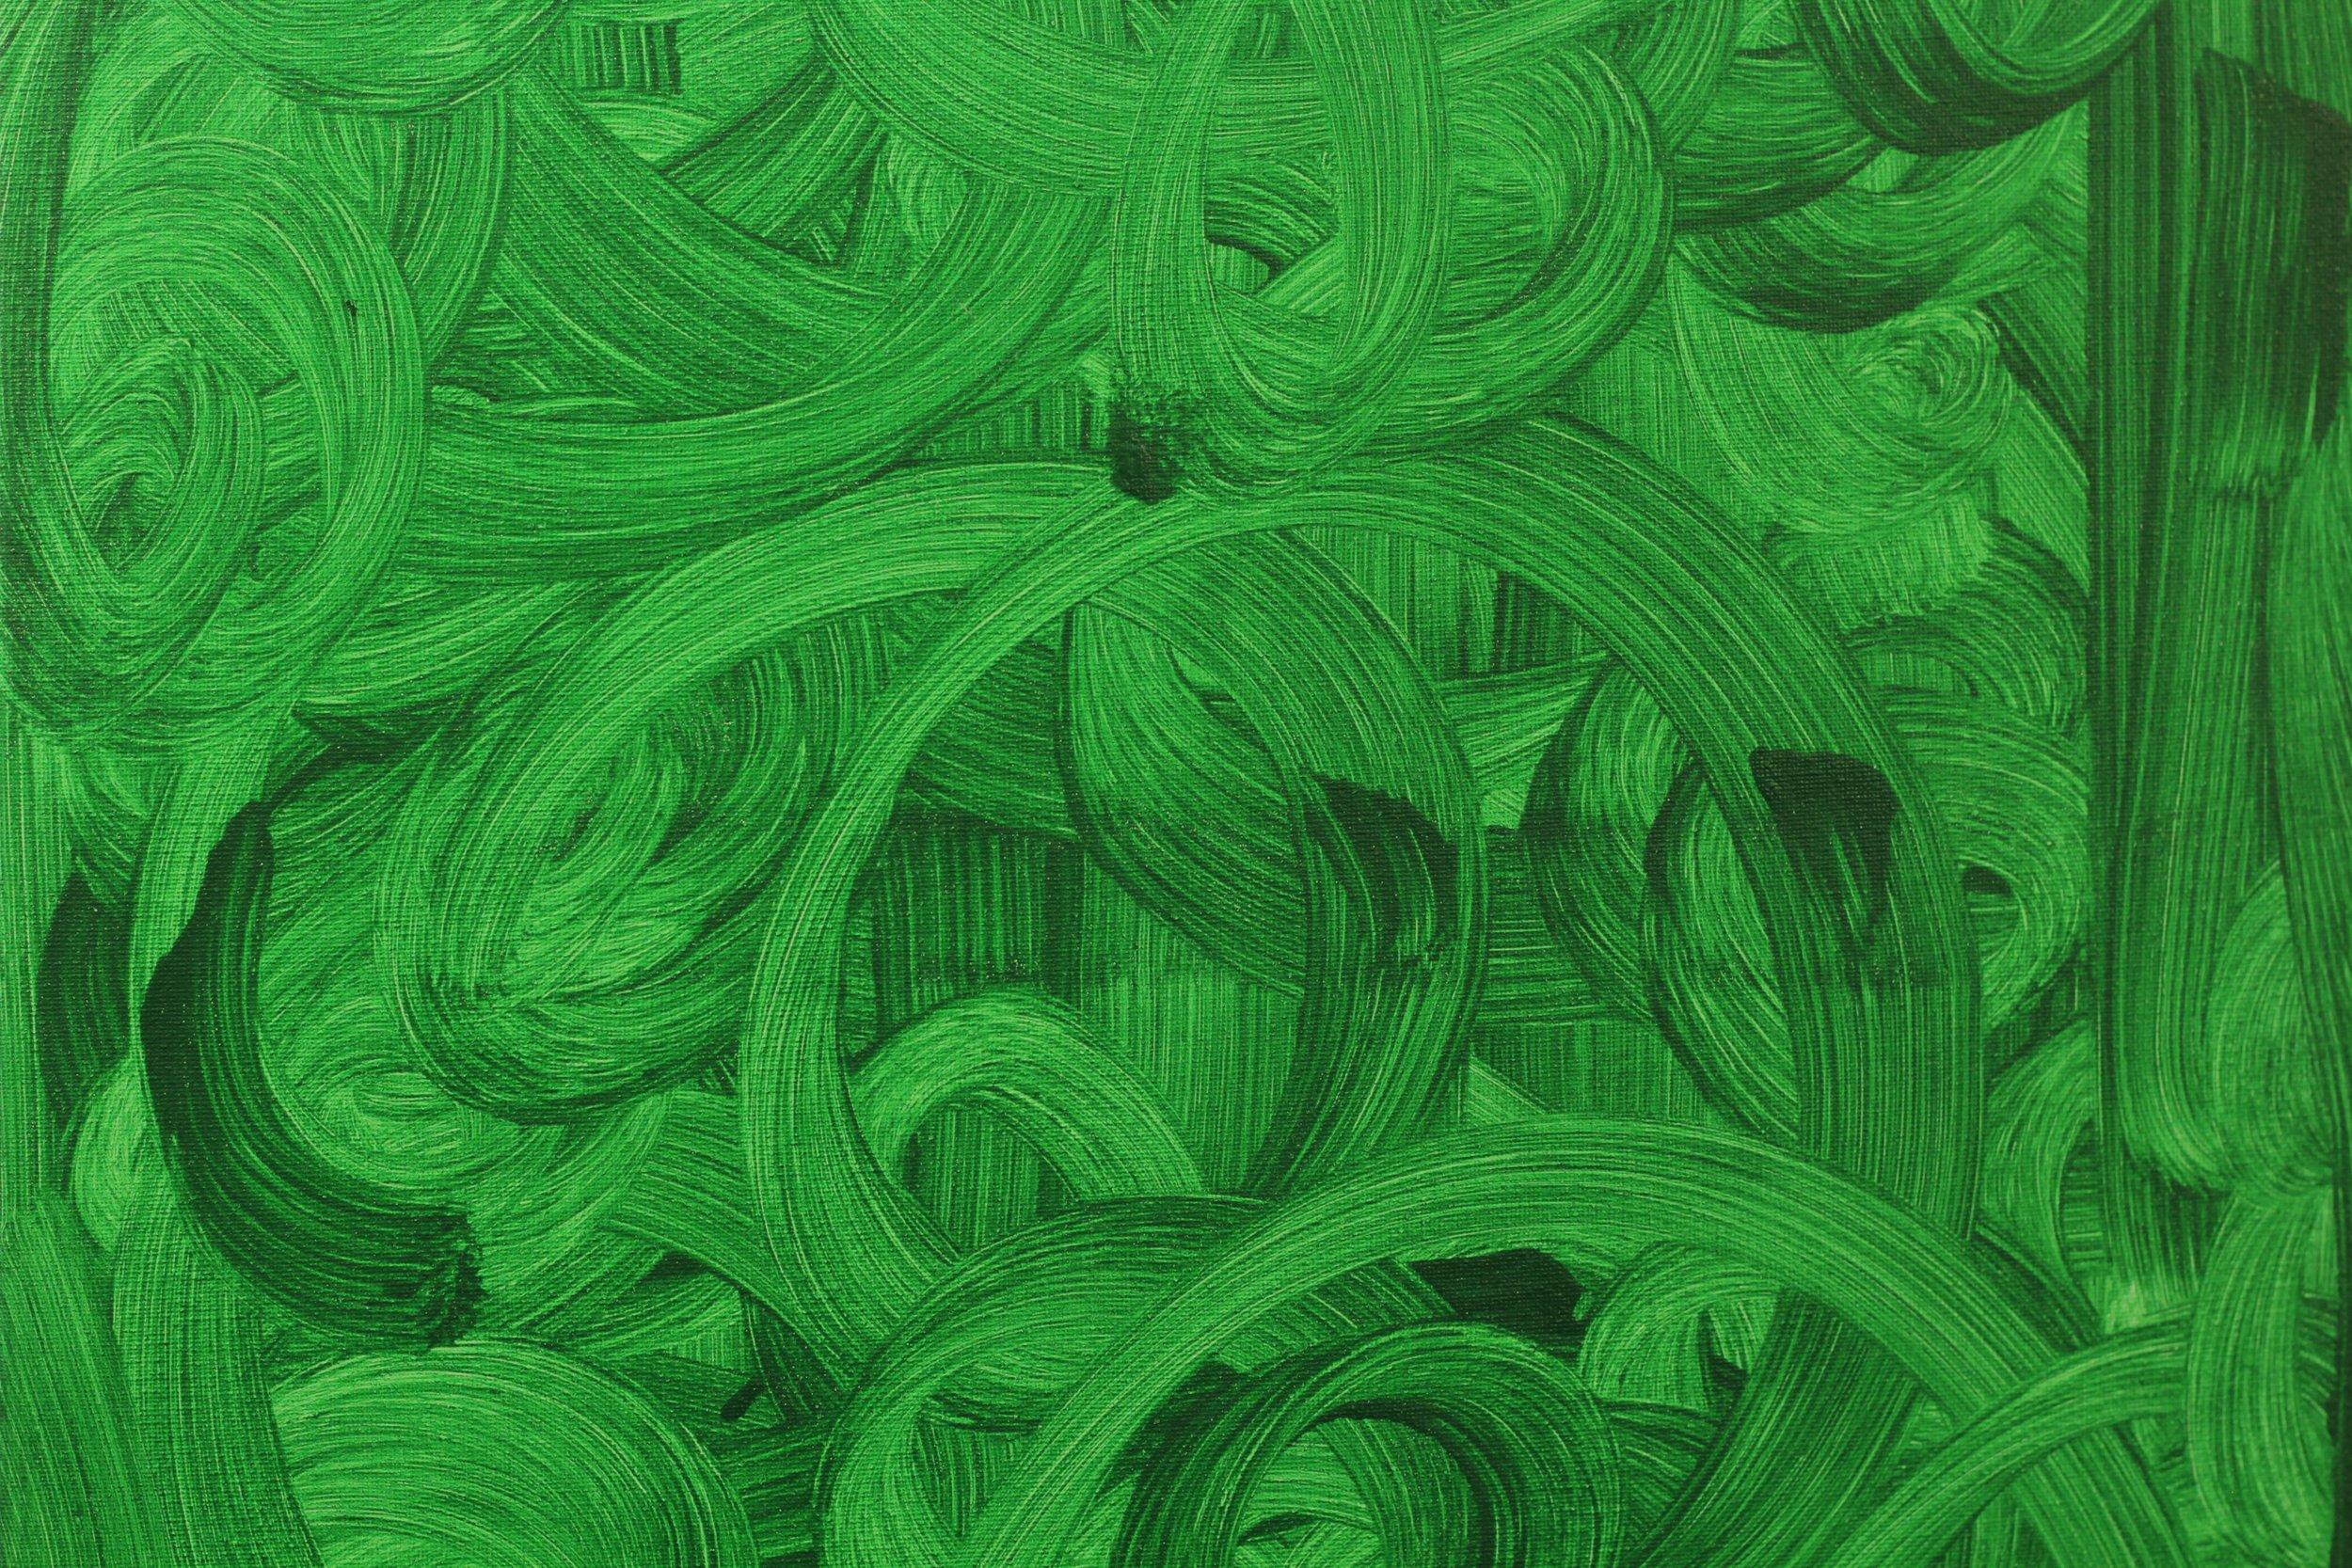 Green_Screen_Dreams_Keaton_Fox_1.jpg